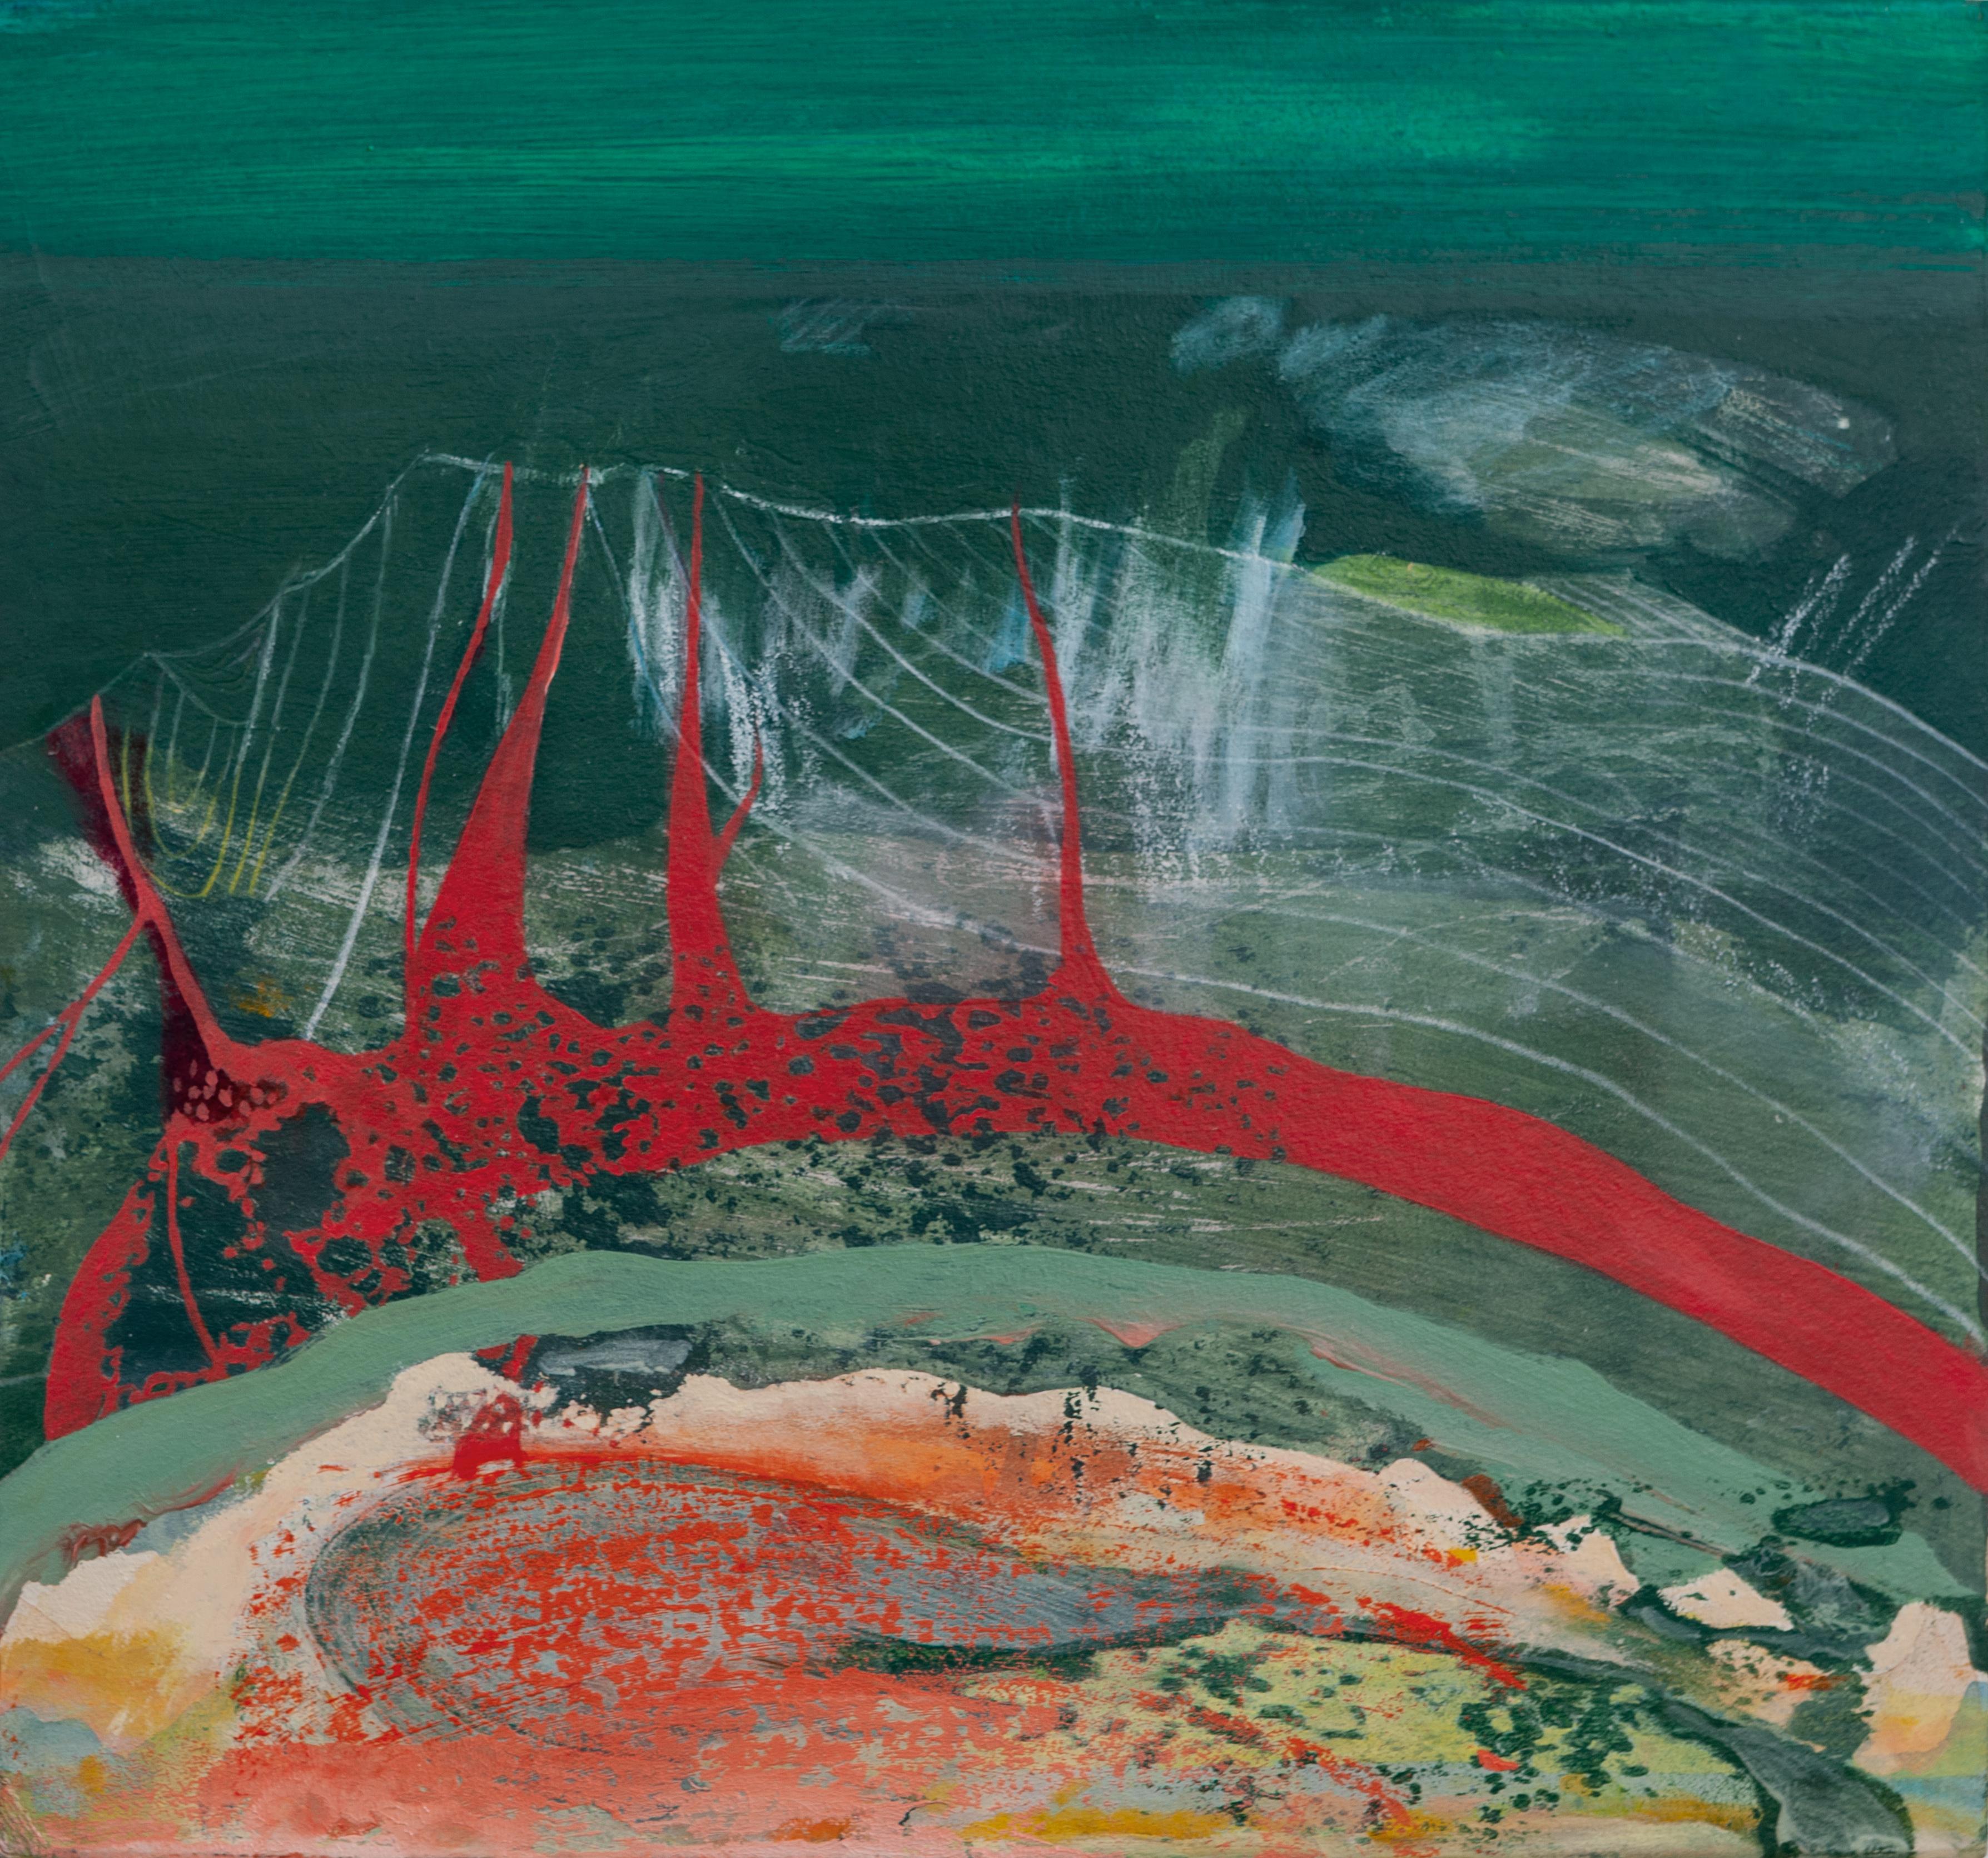 """""""Volcano"""" (dettaglio dell'opera), 2020, olio su cartonlegno, 30 x 32 cm, Courtesy l'artista e Moonens Foundation"""